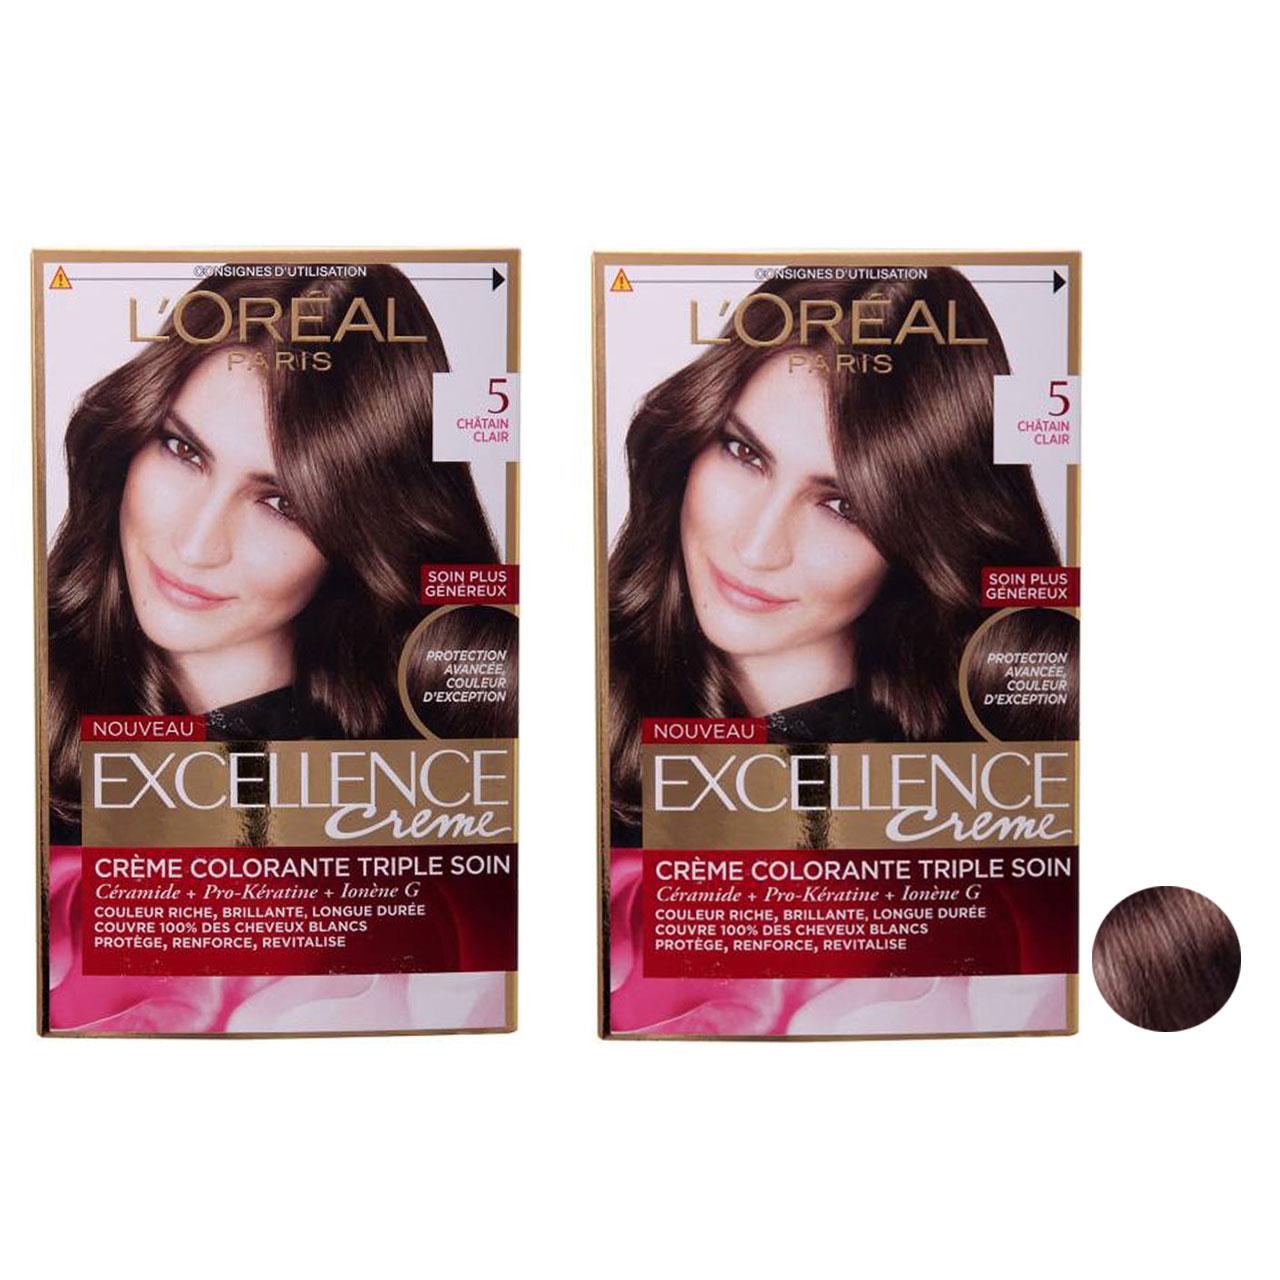 کیت رنگ مو لورآل مدل Excellence شماره 5 رنگ قهوه ای تیره مجموعه 2 عددی